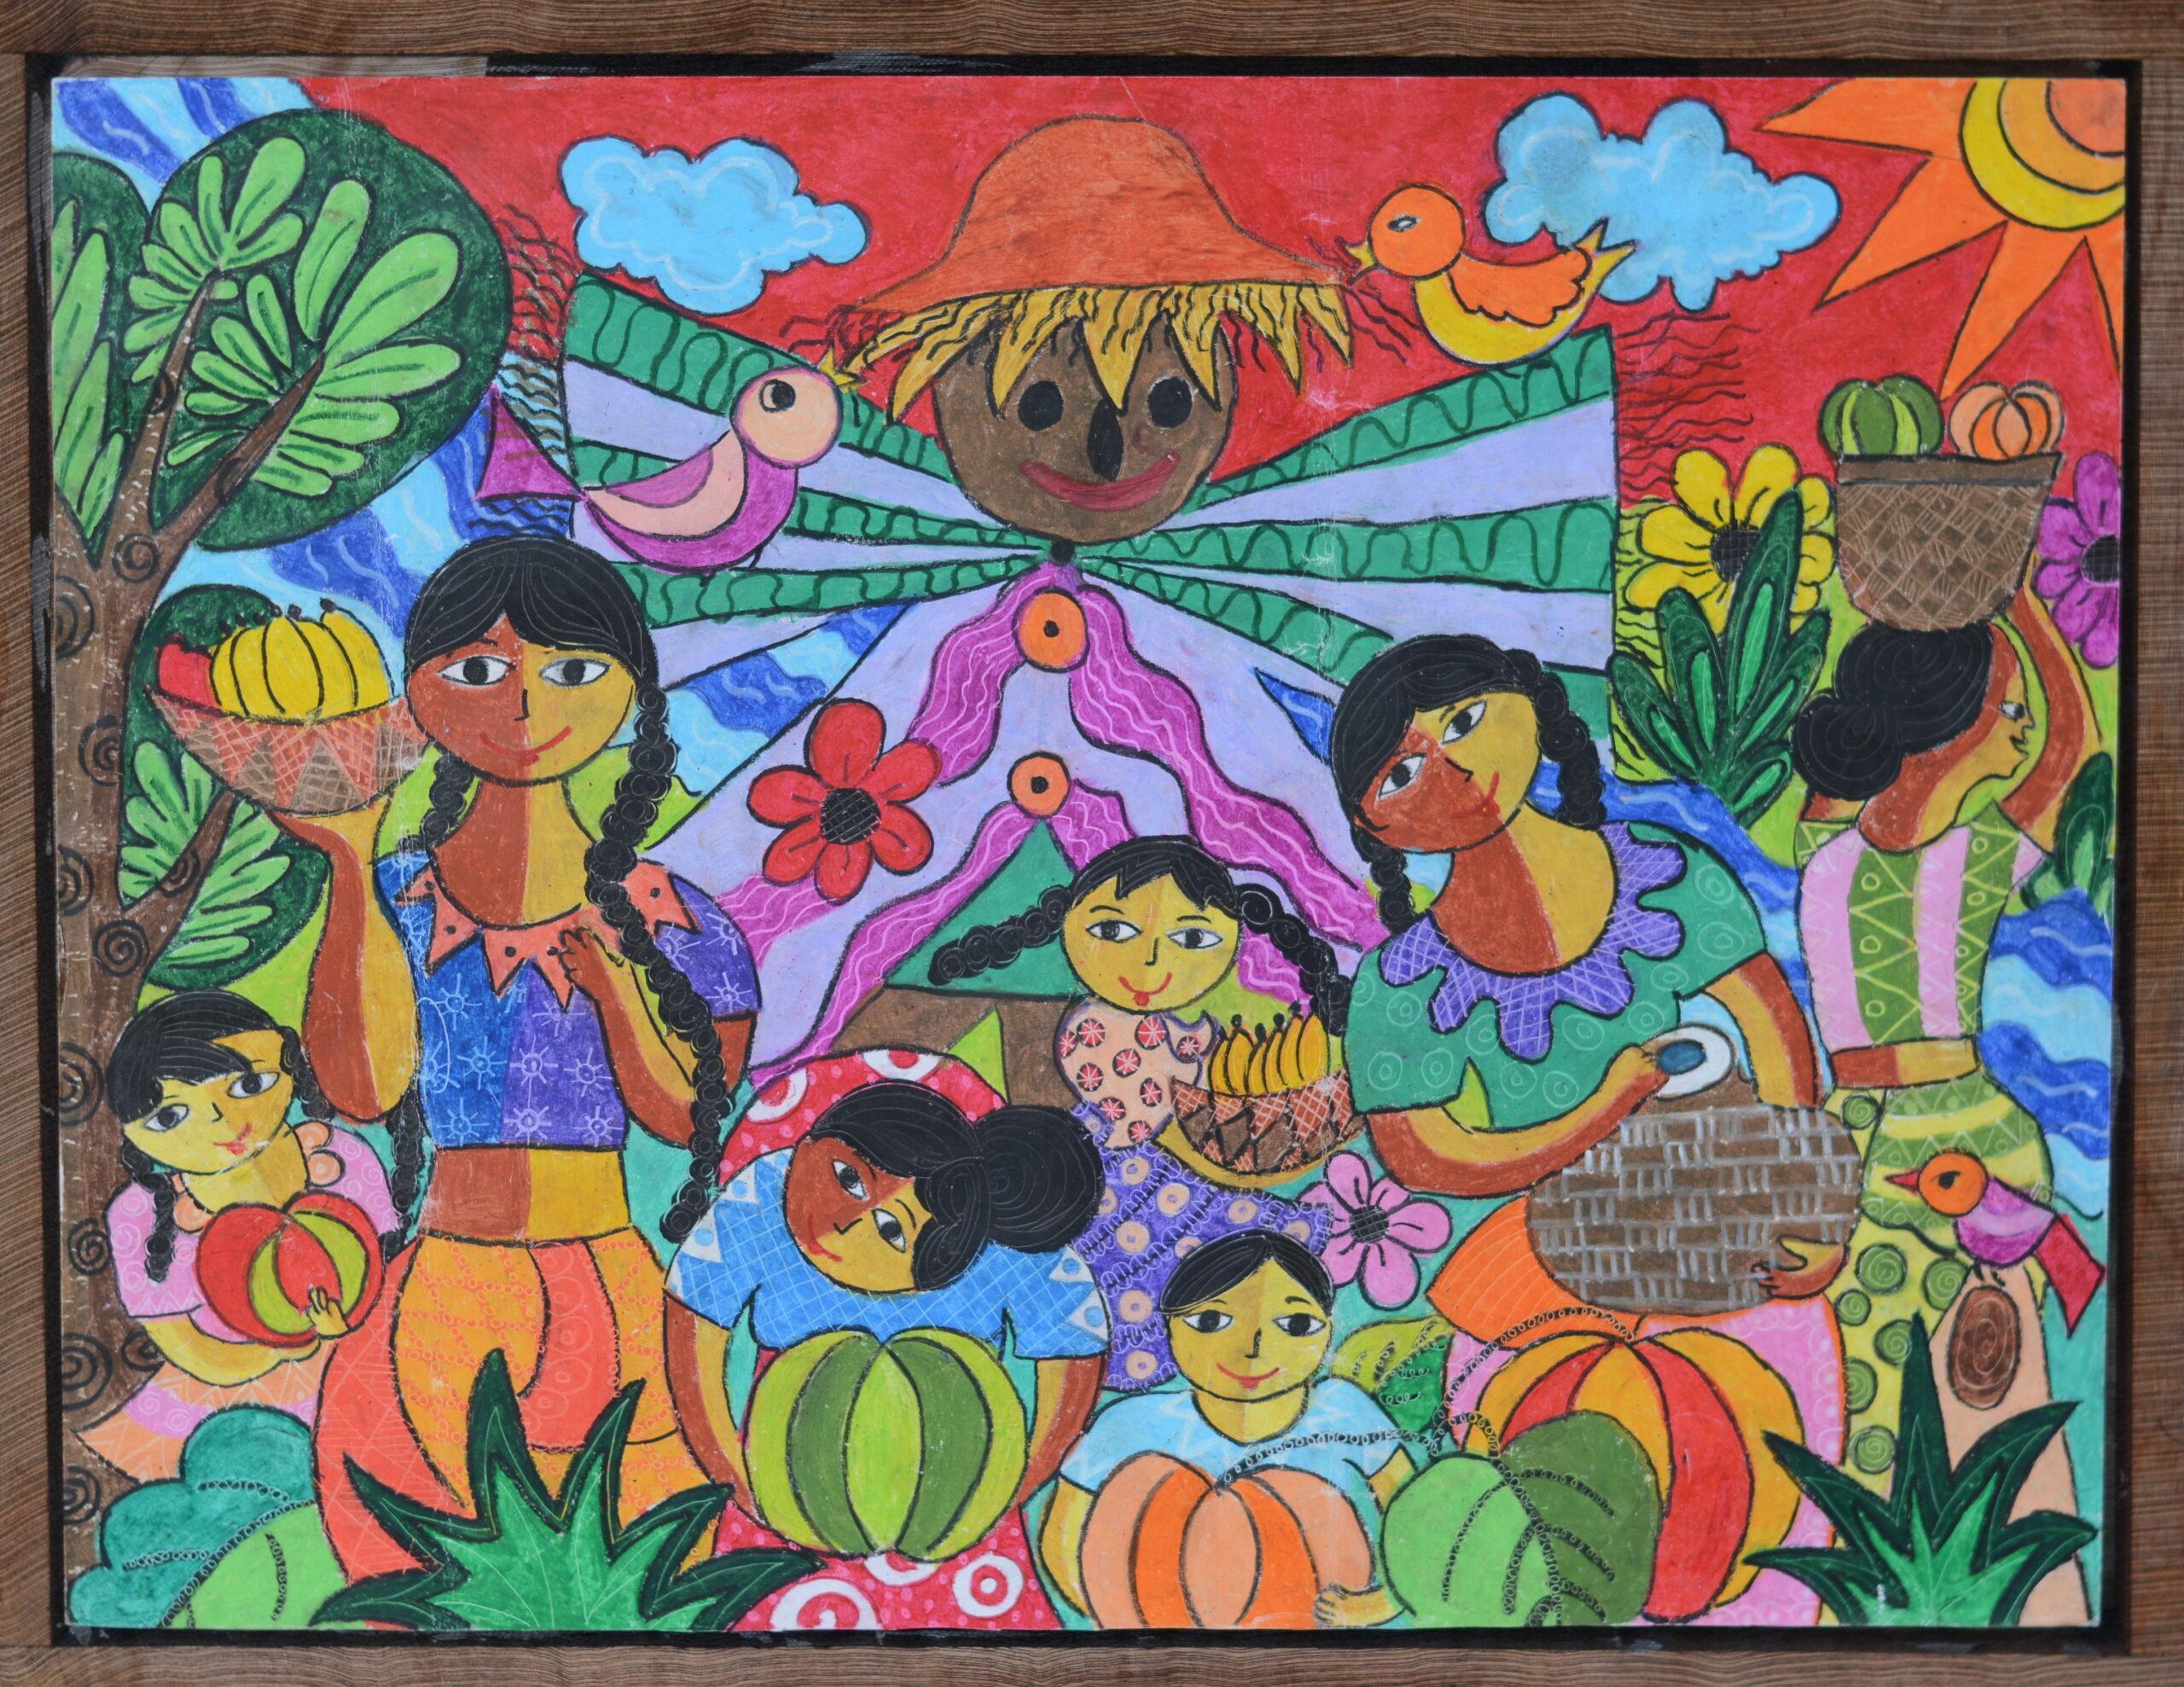 A vegetable garden I saw_R. A. Nethumi Nulara Rupasinghe